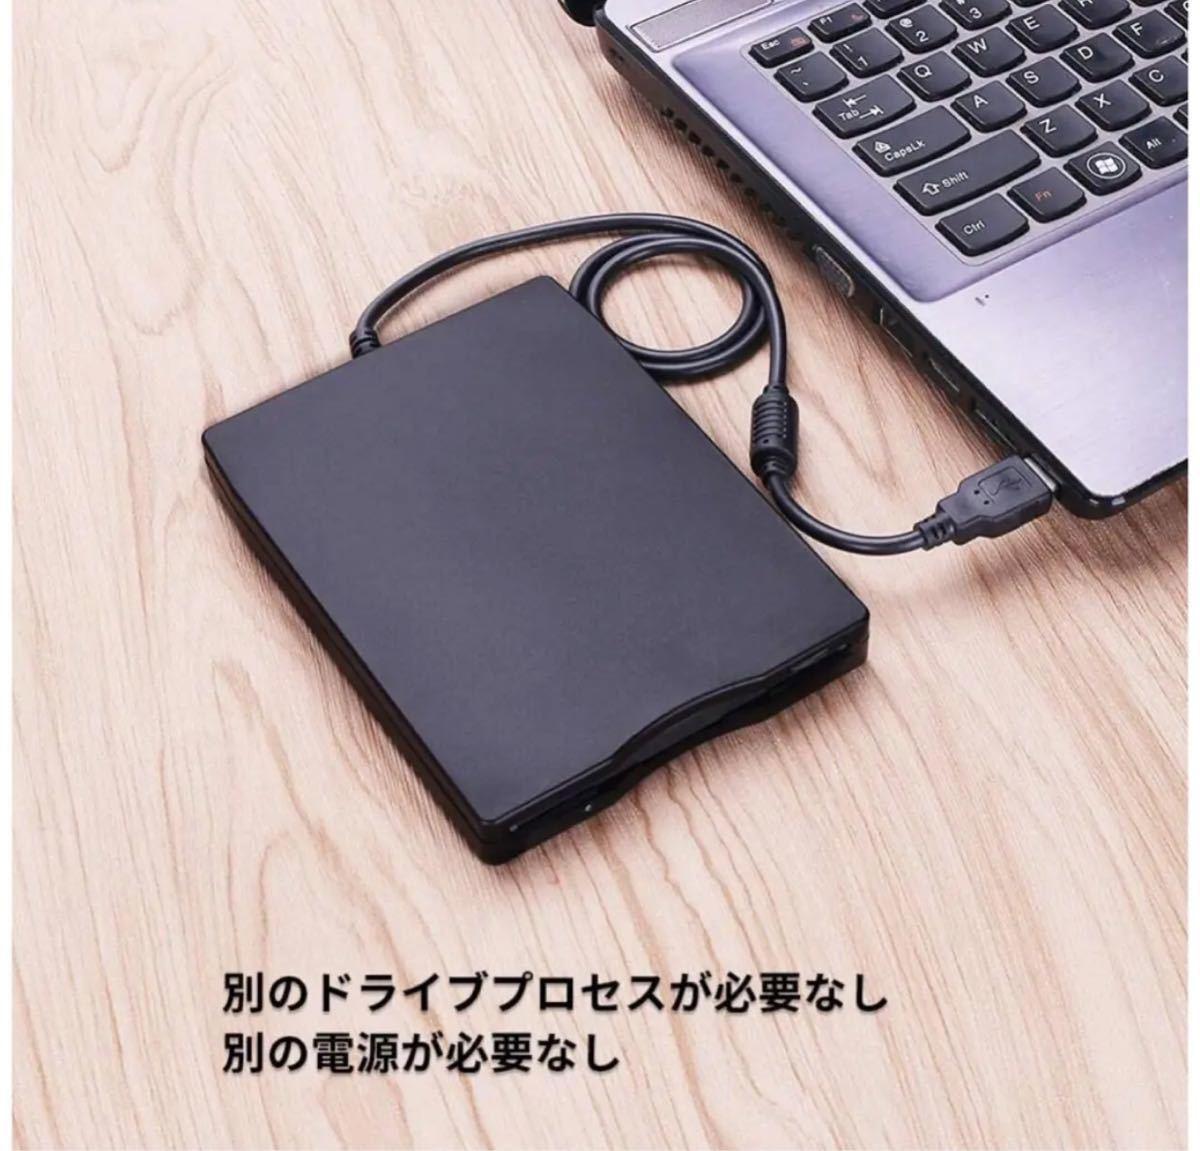 外付けフロッピーディスクドライブUSBFDDフロッピーディスクドライブ